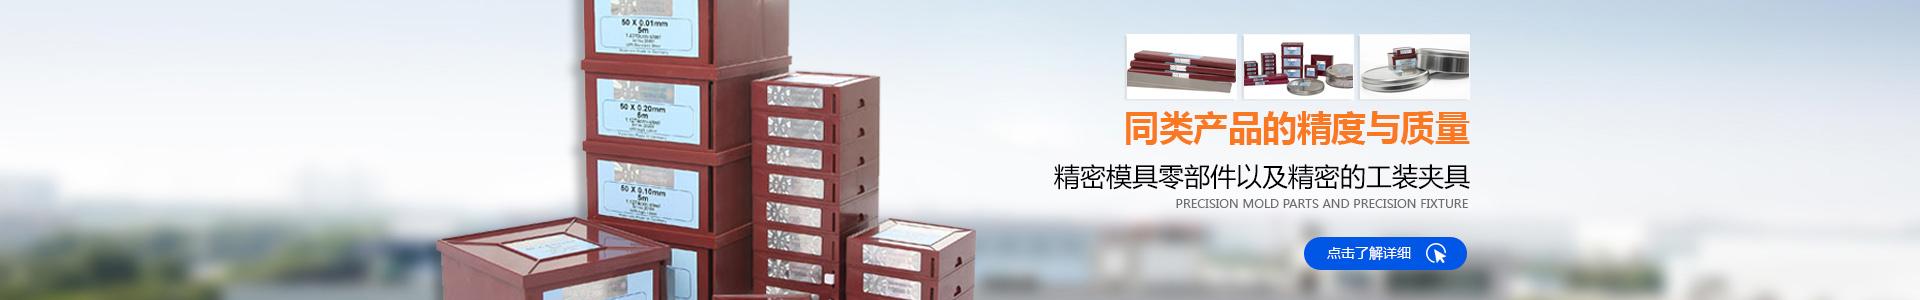 东莞市亿盛五金有限公司